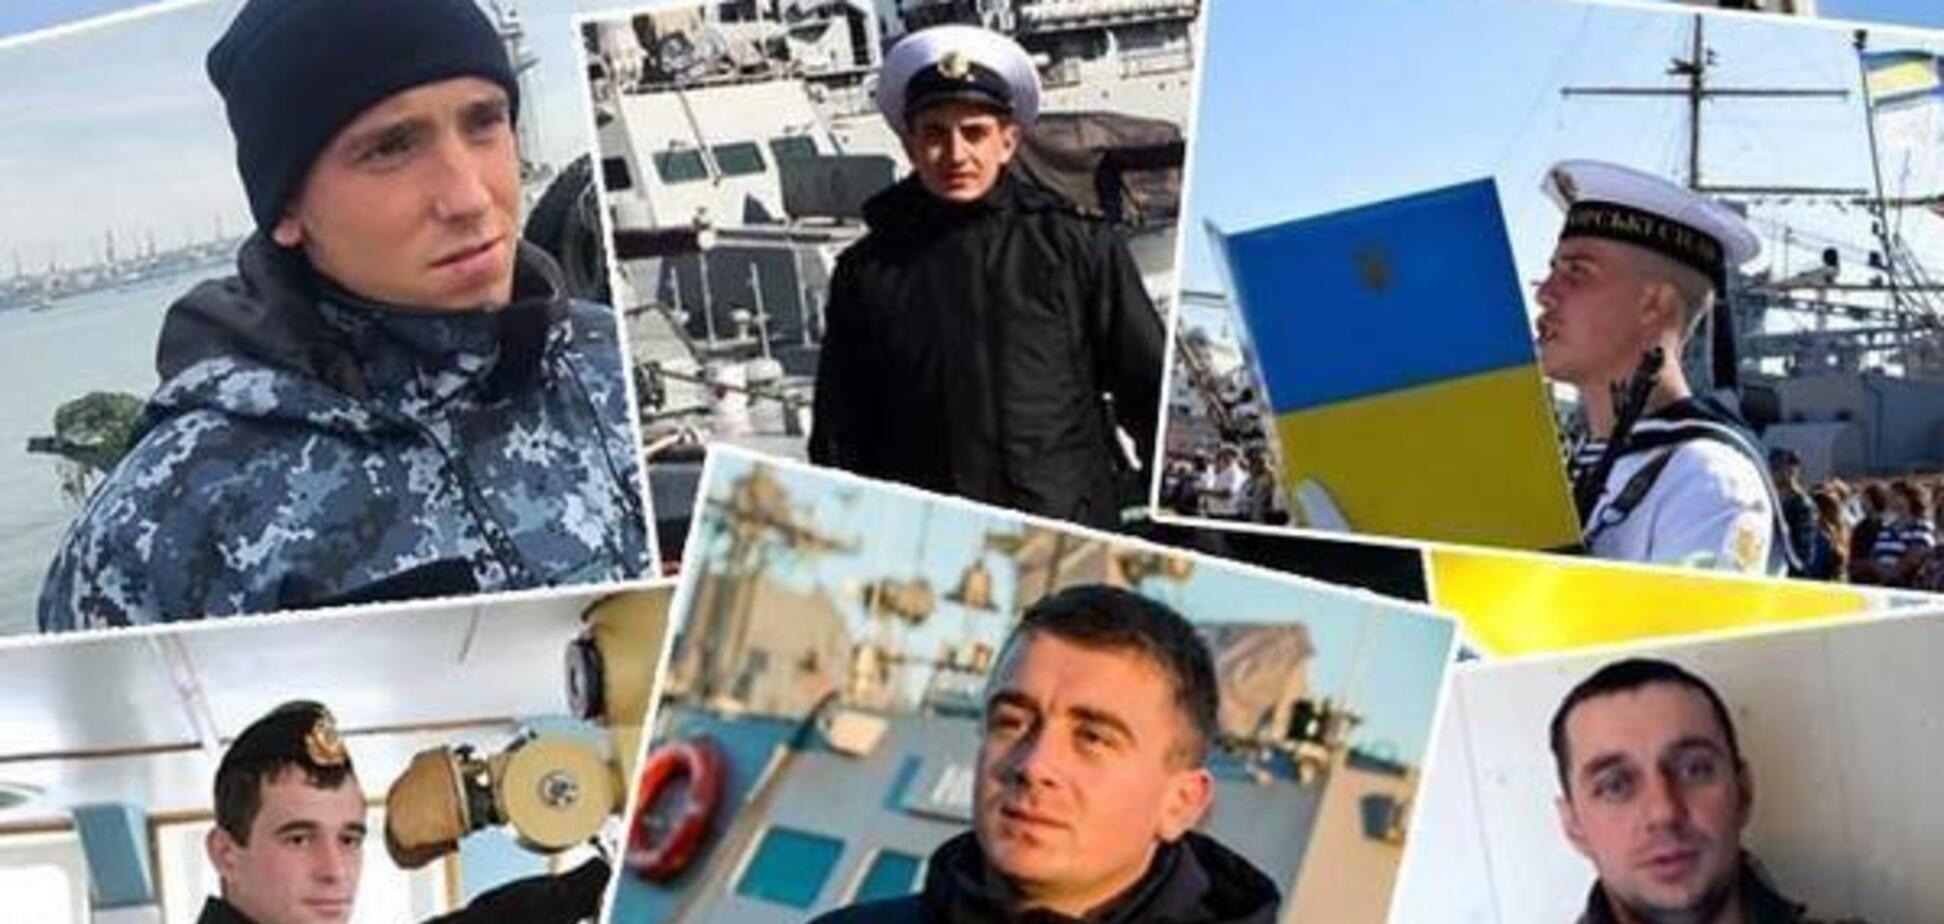 100 днів у полоні Росії: українці зворушливо підтримали захоплених моряків. Фото листів